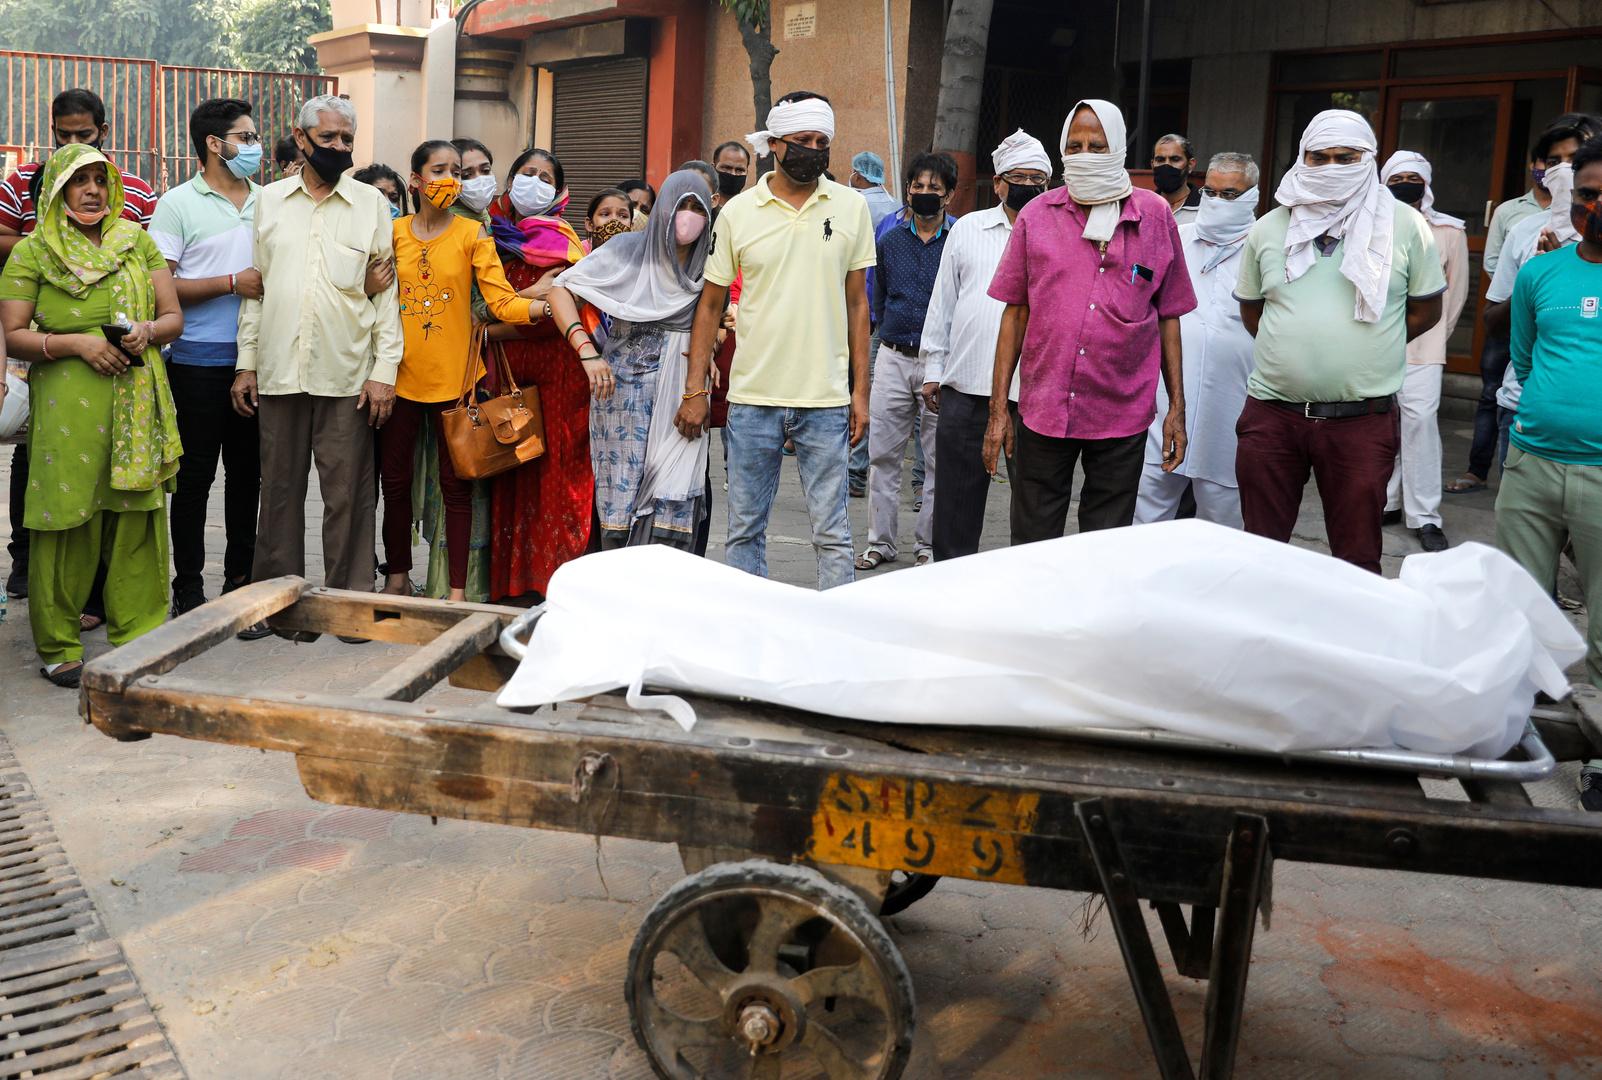 الهند تسجل 6.39 مليون إصابة بكورونا